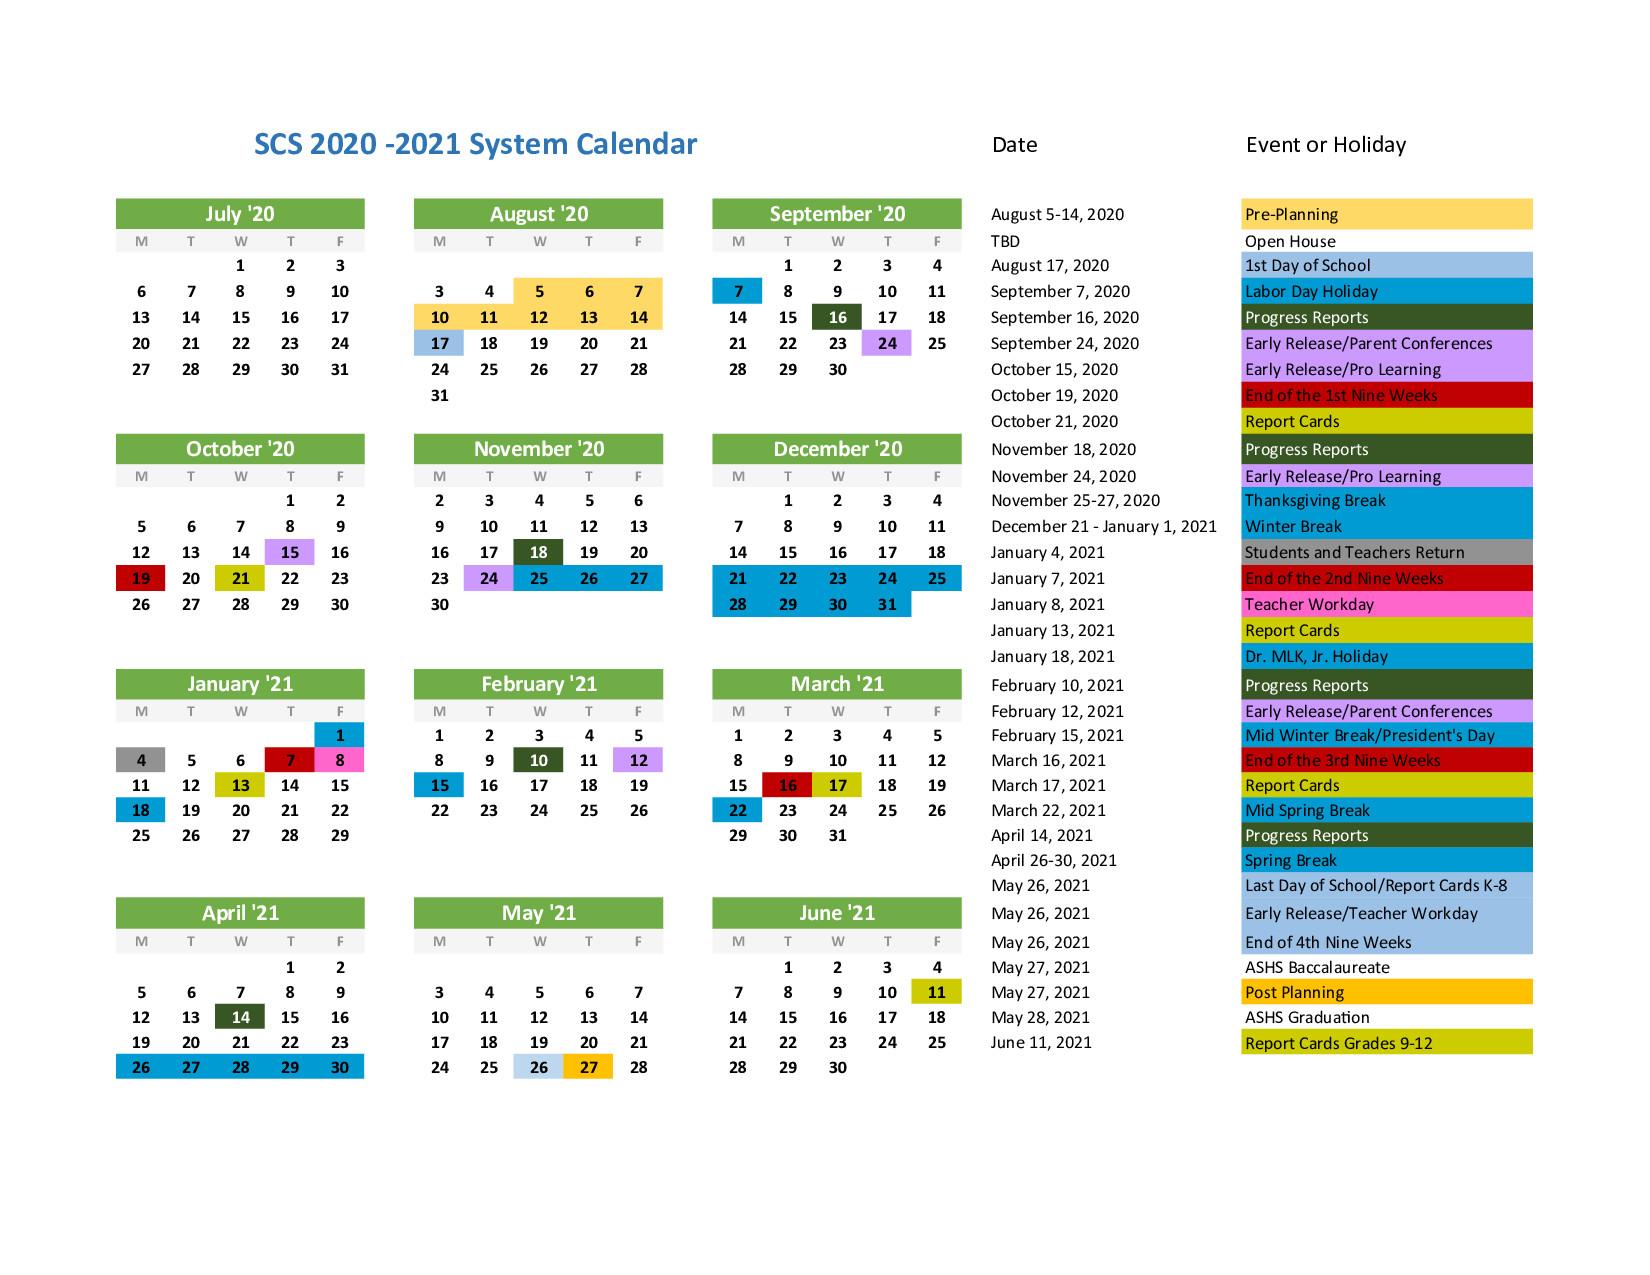 System Calendar - 2020-2021 School Year